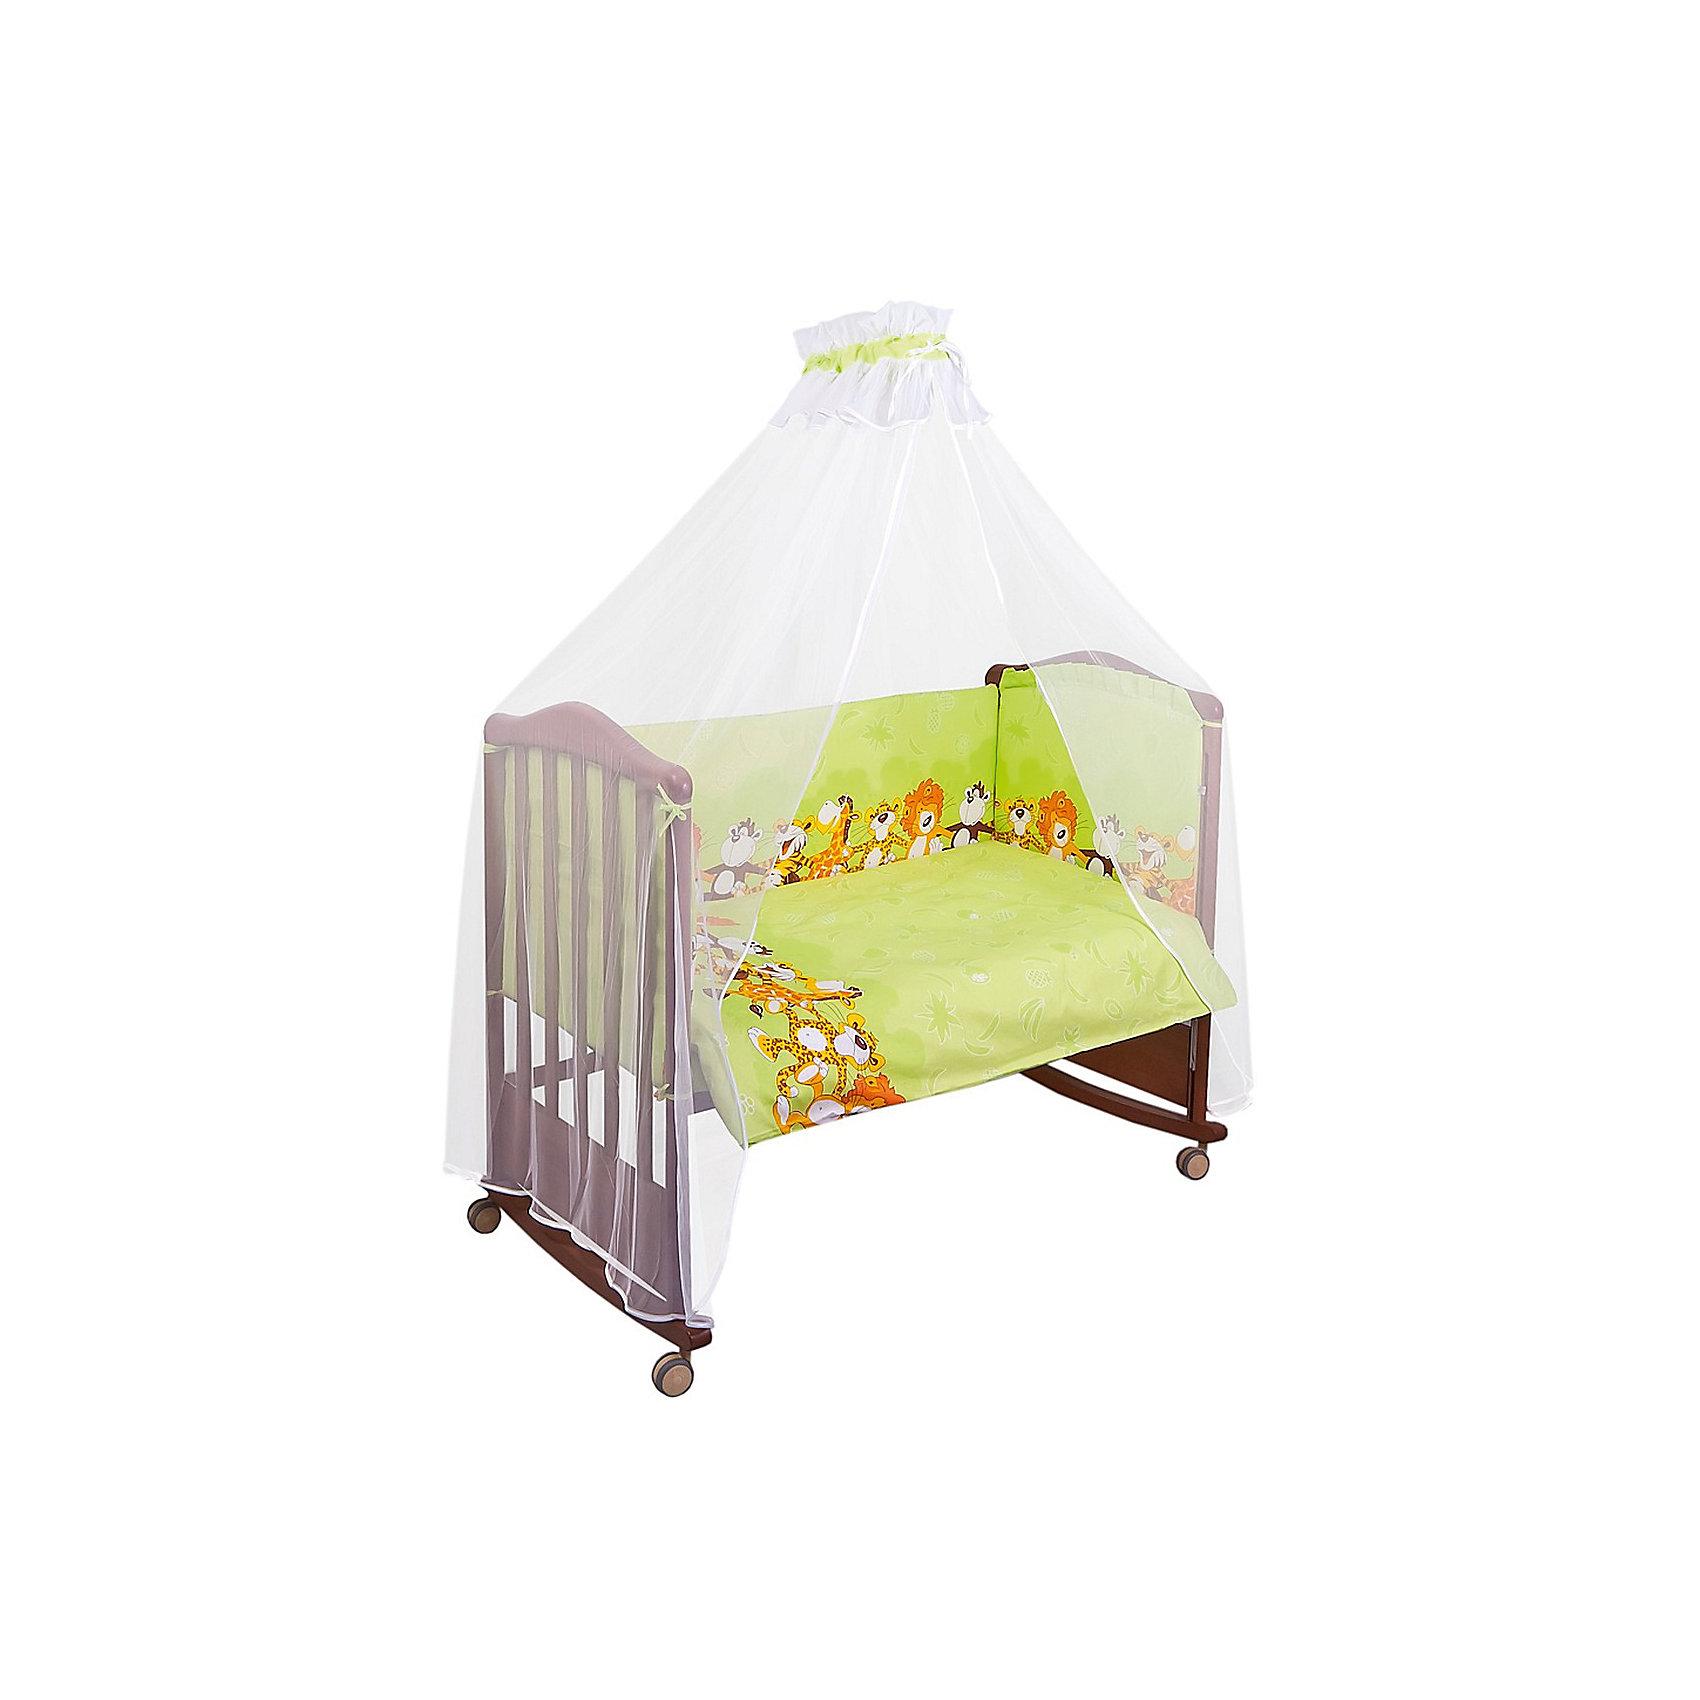 Борт Африка, Сонный гномик, салатовыйБорт Африка, Сонный гномик, салатовый - прекрасно подойдет для кроватки вашего малыша, добавит комнате уюта и согреет в прохладные дни.<br>Борт «Африка» обеспечит Вашему малышу комфорт и безопасность. Борт защитит младенца от сквозняков, пыли и солнца, а когда малыш подрастет и начнет активно двигаться и вставать в кроватке - убережет от возможных ушибов и травм. Кроме того, борт способствует более быстрому засыпанию, поскольку малыша ничего не будет отвлекать извне. Бортик выполнен в привлекательном для ребенка дизайне с салатовой расцветкой и украшен рюшами и красочным рисунком с изображением веселых танцующих зверюшек. Высокий борт состоит из четырех частей, легко крепится по всему периметру кроватки при помощи текстильных завязок. Материал съемной обшивки – нежная бязь (100% хлопок), мягкая приятная на ощупь ткань, не вызывает аллергии и хорошо пропускает воздух. Деликатные швы рассчитаны на прикосновение к нежной коже ребёнка. Наполнитель - Холлофайбер Хард - гипоаллергенный легкий синтетический материал, удерживающий тепло и пропускающий воздух, хорошо держит форму. Борт подходит для кроватки размером 120 х 60 см.<br><br>Дополнительная информация:<br><br>- Цвет: салатовый<br>- Чехлы легко снимается для стирки<br>- Материал: бязь (100% хлопок), наполнитель – Холлофайбер Хард (плотность 400 г/кв.м)<br>- Высота: 50 см.<br>- Общая длина: 360 см.<br>- Размер упаковки: 65 х 15 х 40 см.<br>- Вес: 1400 гр.<br><br>Борт Африка, Сонный гномик, салатовый можно купить в нашем интернет-магазине.<br><br>Ширина мм: 65<br>Глубина мм: 15<br>Высота мм: 40<br>Вес г: 1400<br>Возраст от месяцев: 0<br>Возраст до месяцев: 48<br>Пол: Унисекс<br>Возраст: Детский<br>SKU: 4633126